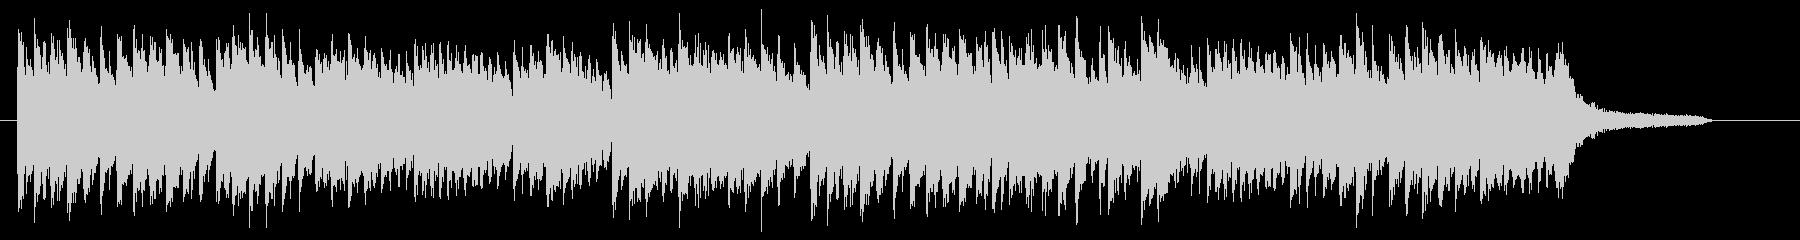 桜・卒業式 優しく切ないピアノジングルAの未再生の波形